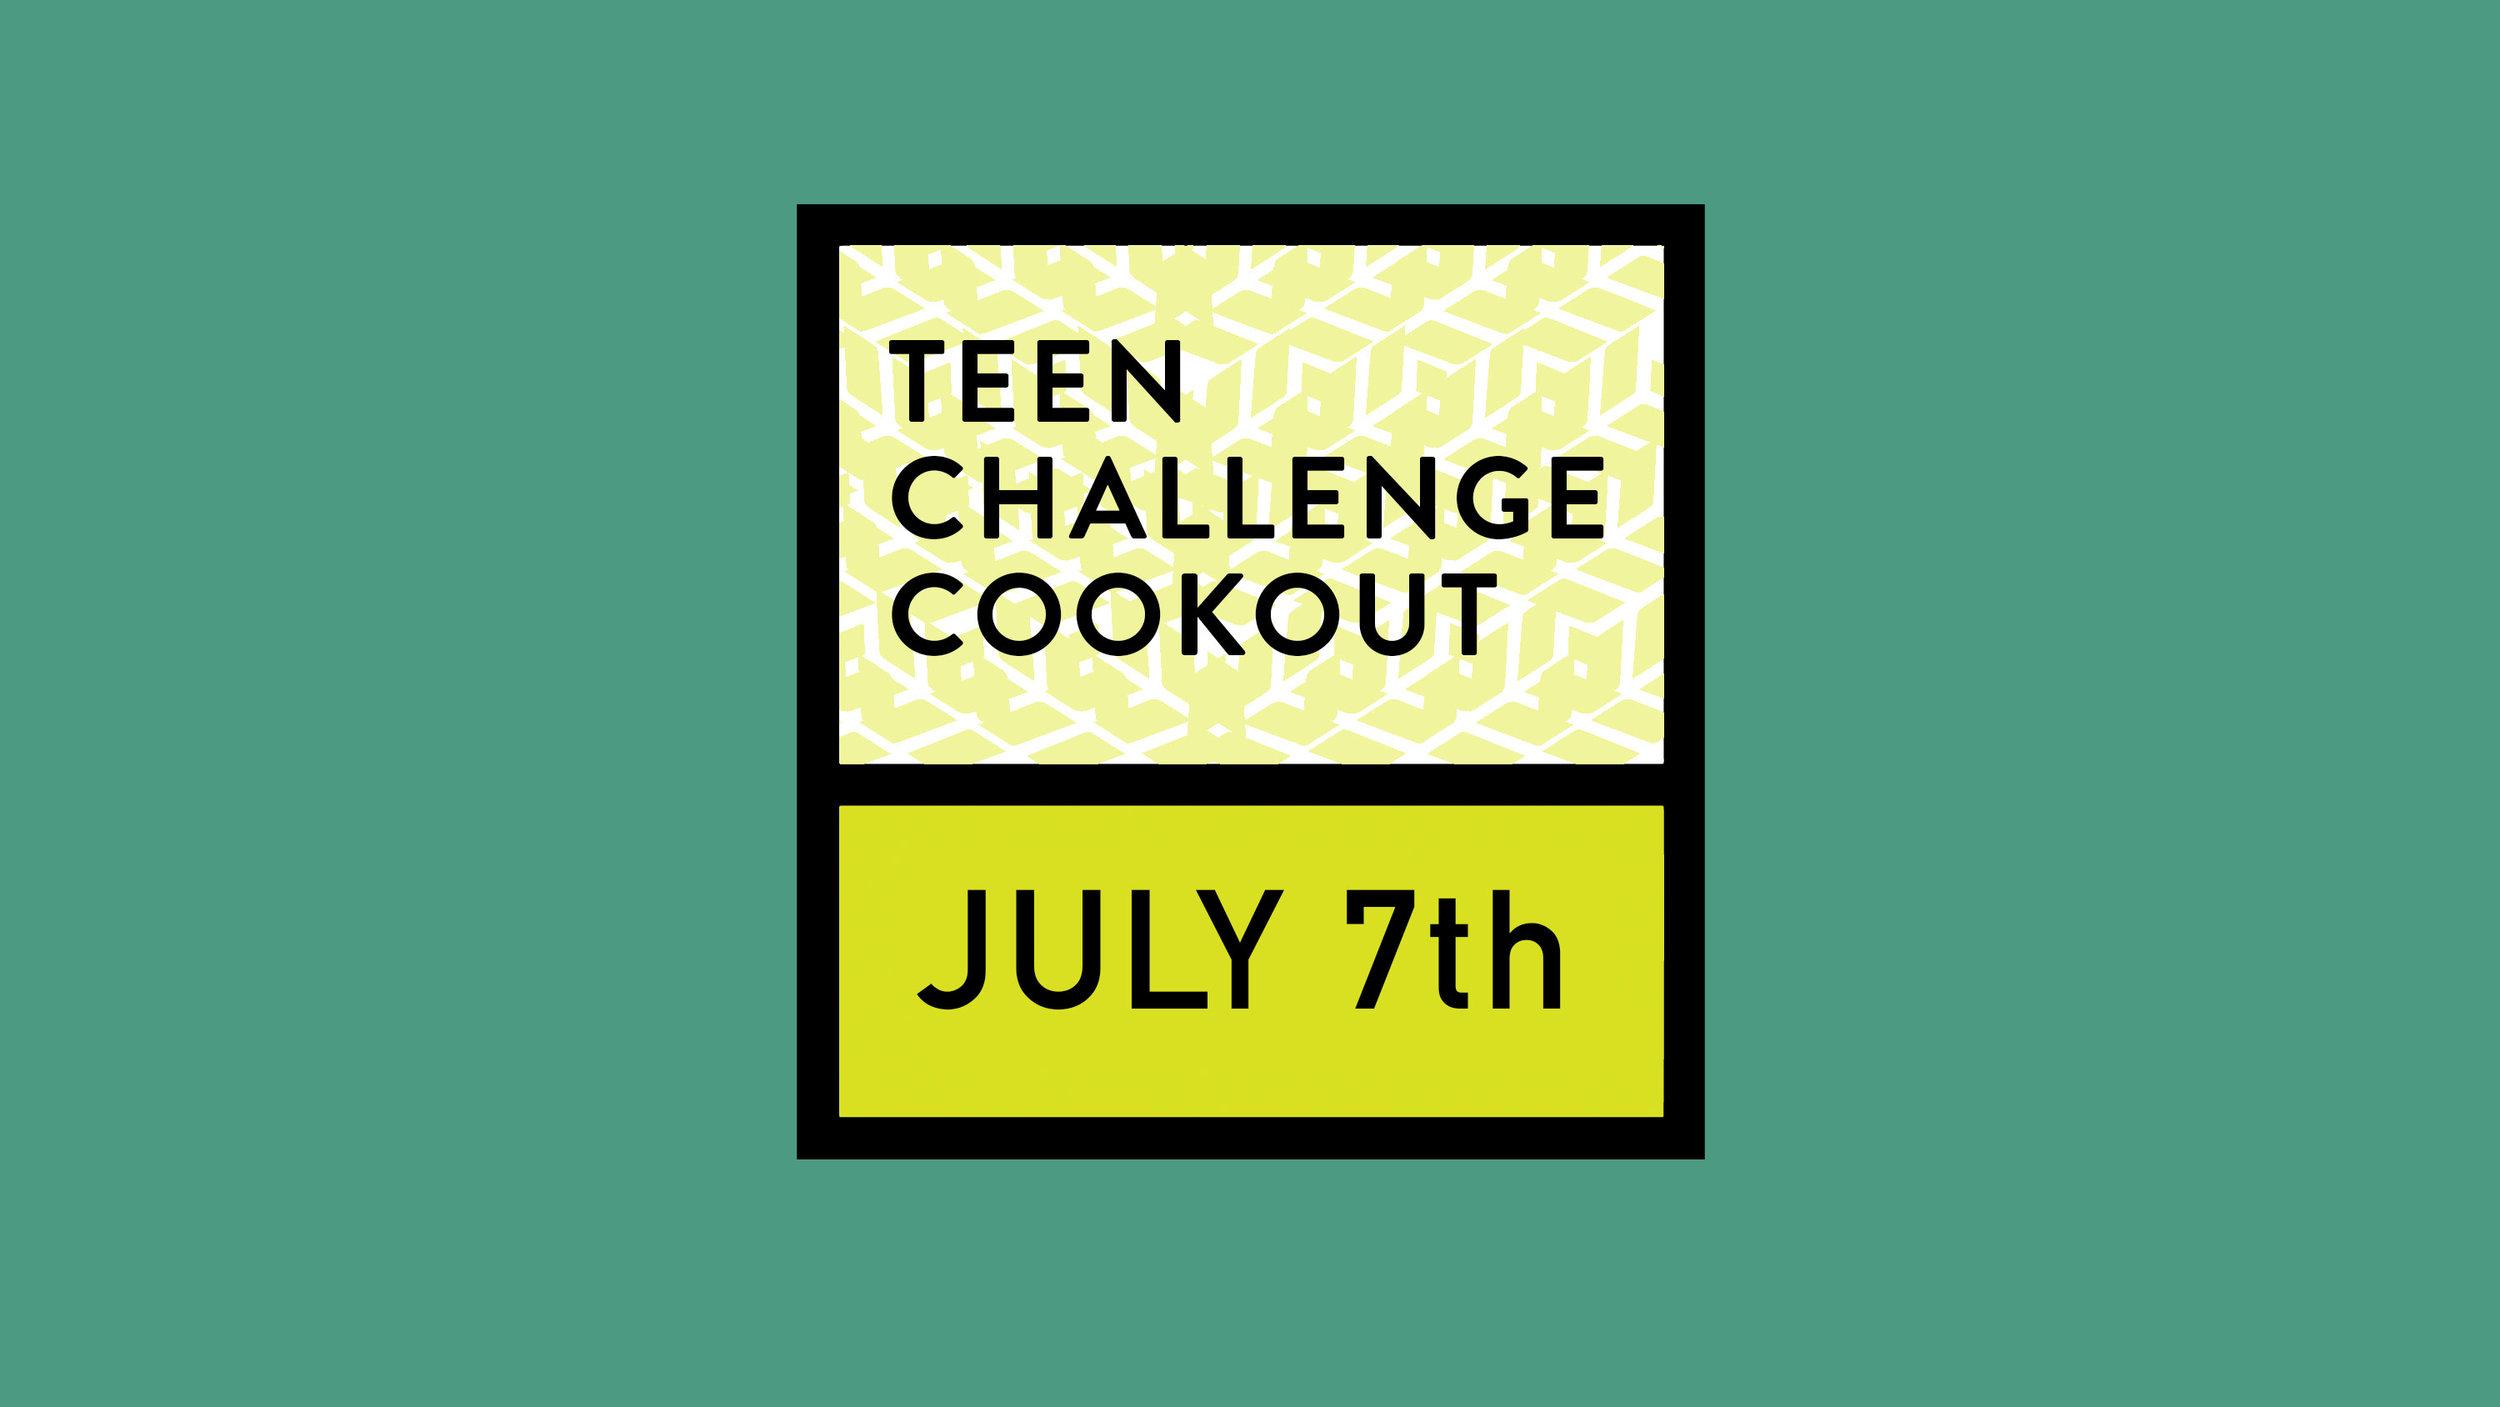 TEEN-Challenge-Cookout.jpg